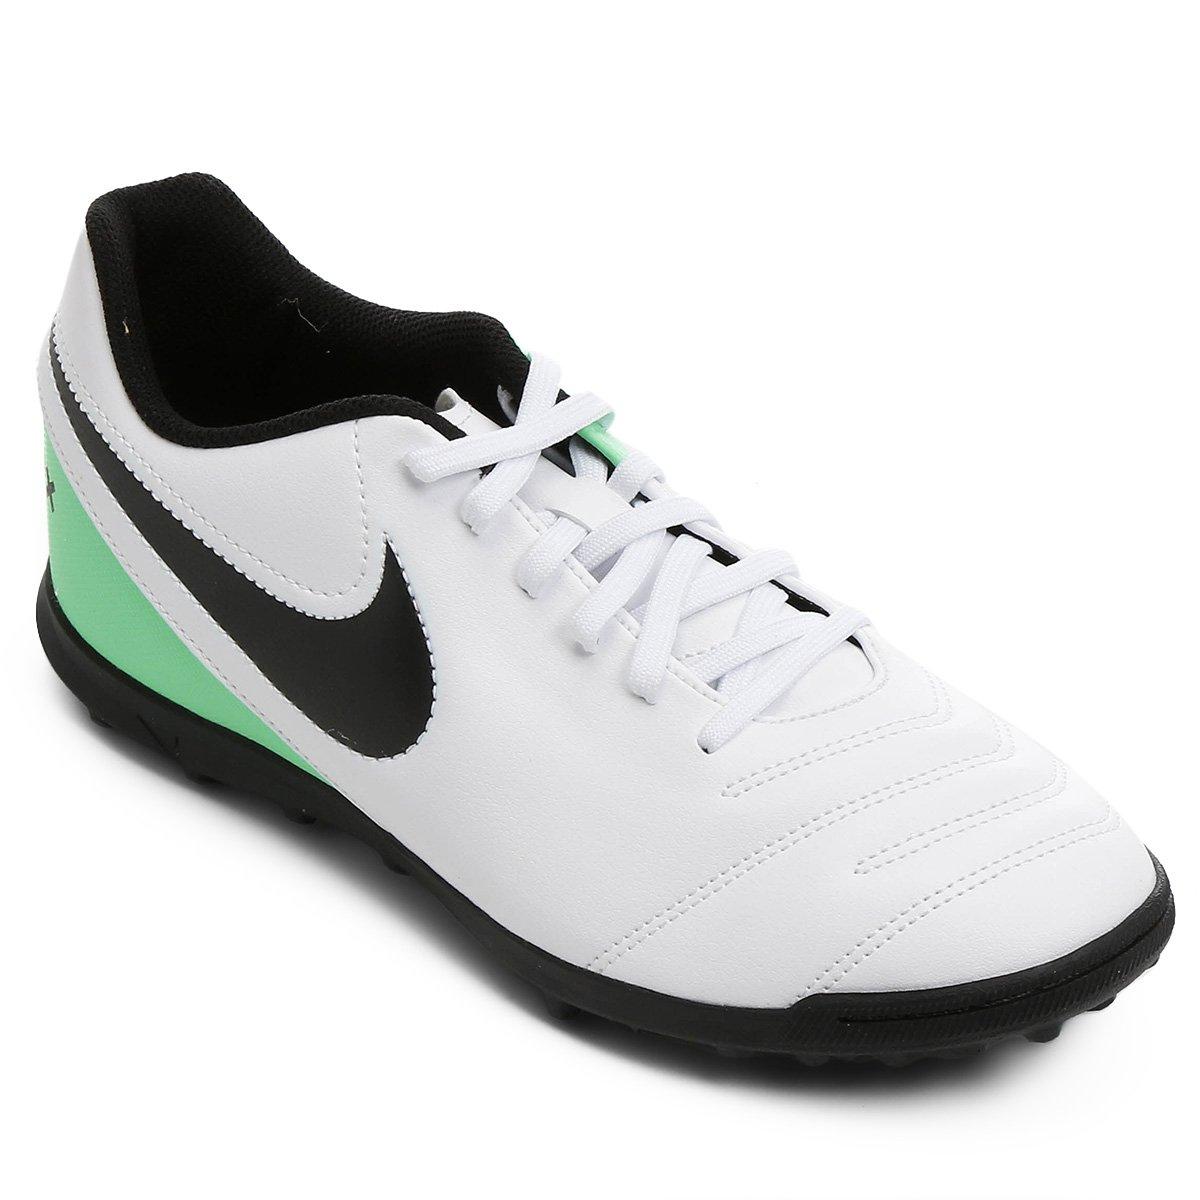 bc1d5171236c2 Chuteira Society Nike Tiempo Rio 3 TF - Compre Agora